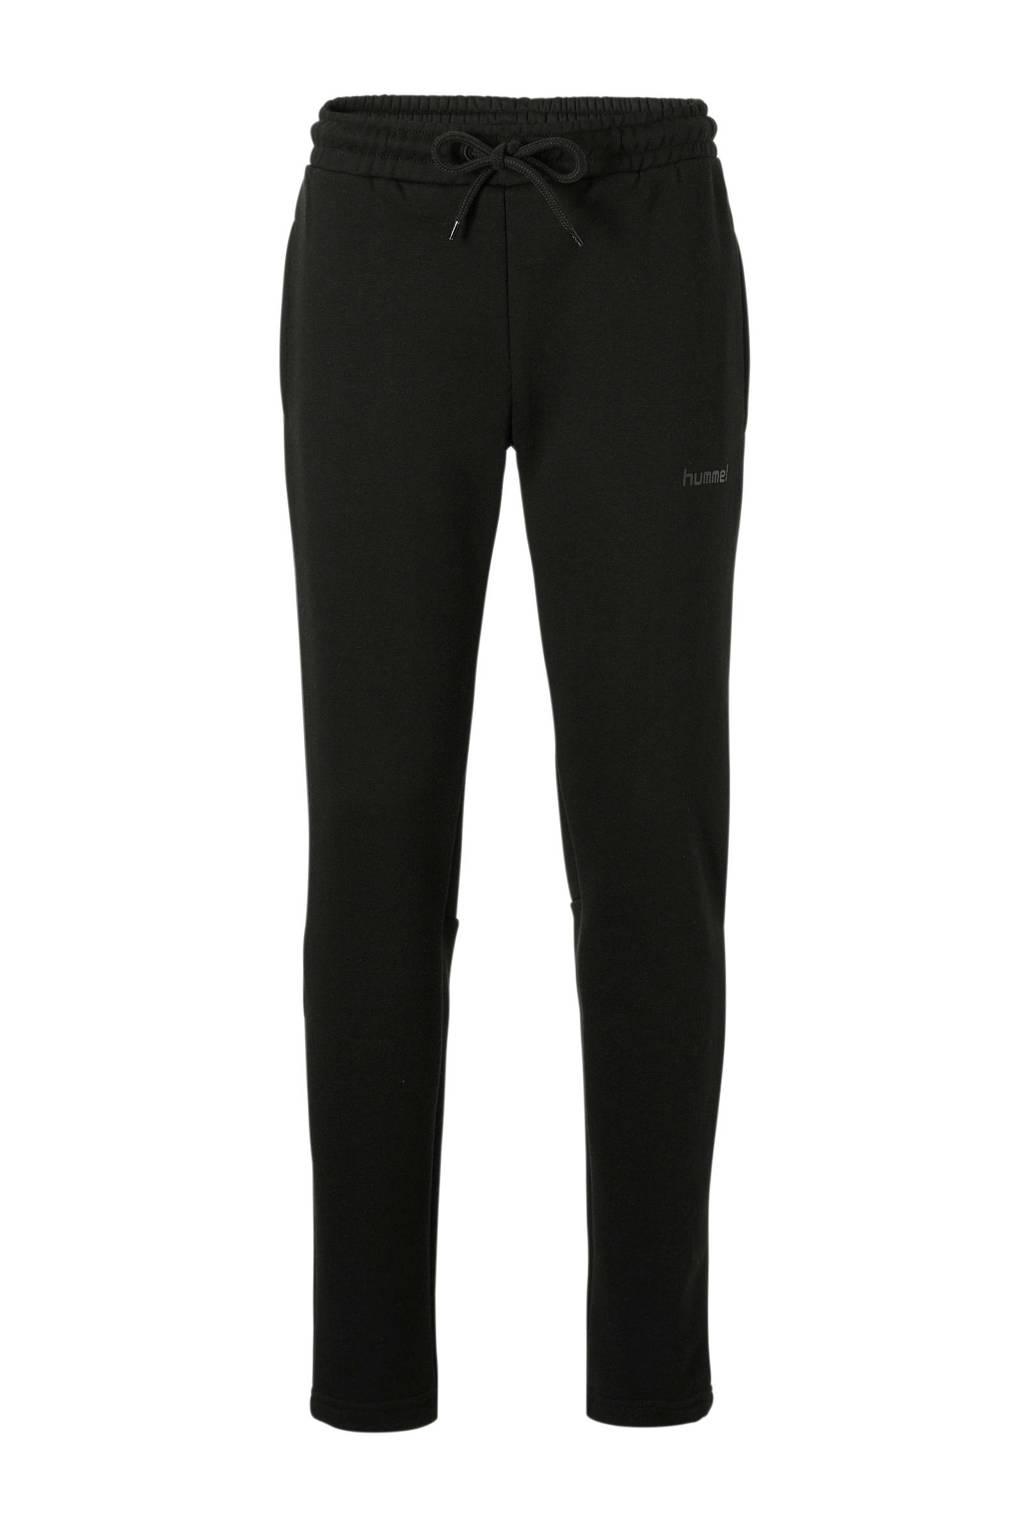 hummel   joggingbroek zwart, Zwart, Jongens